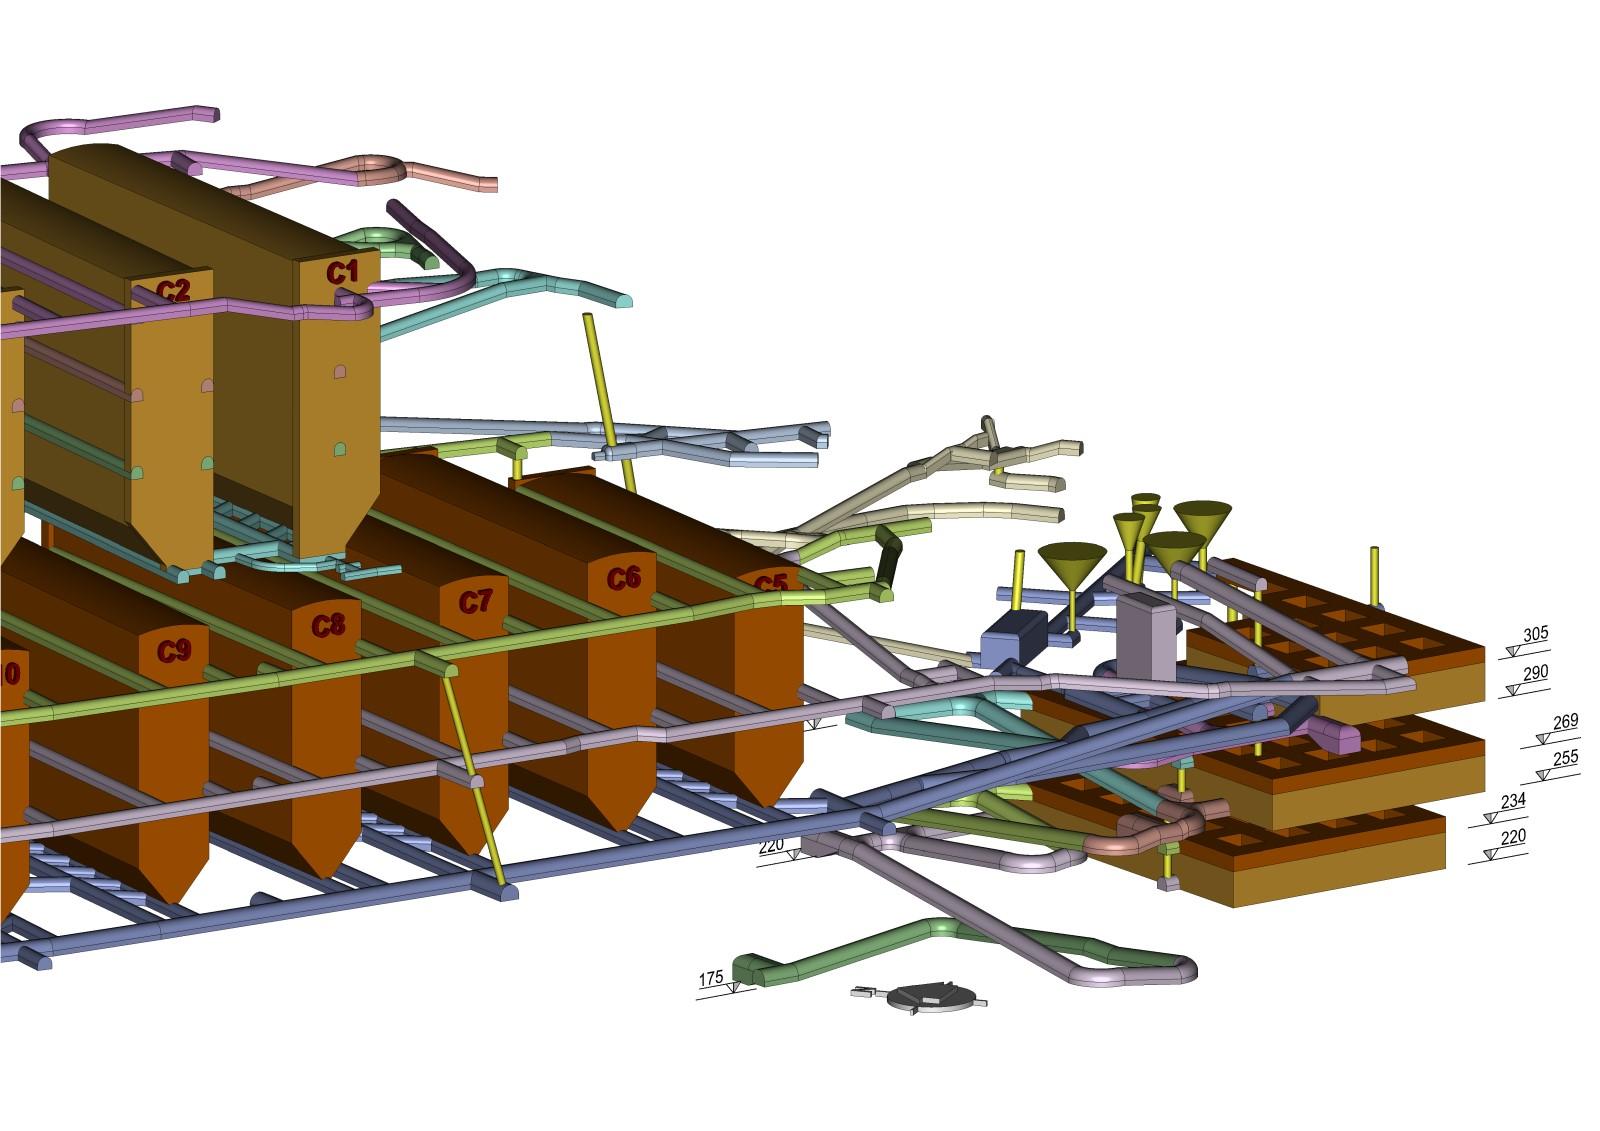 Rappresentazione 3D delle camere di coltivazione e delle gallerie di accesso